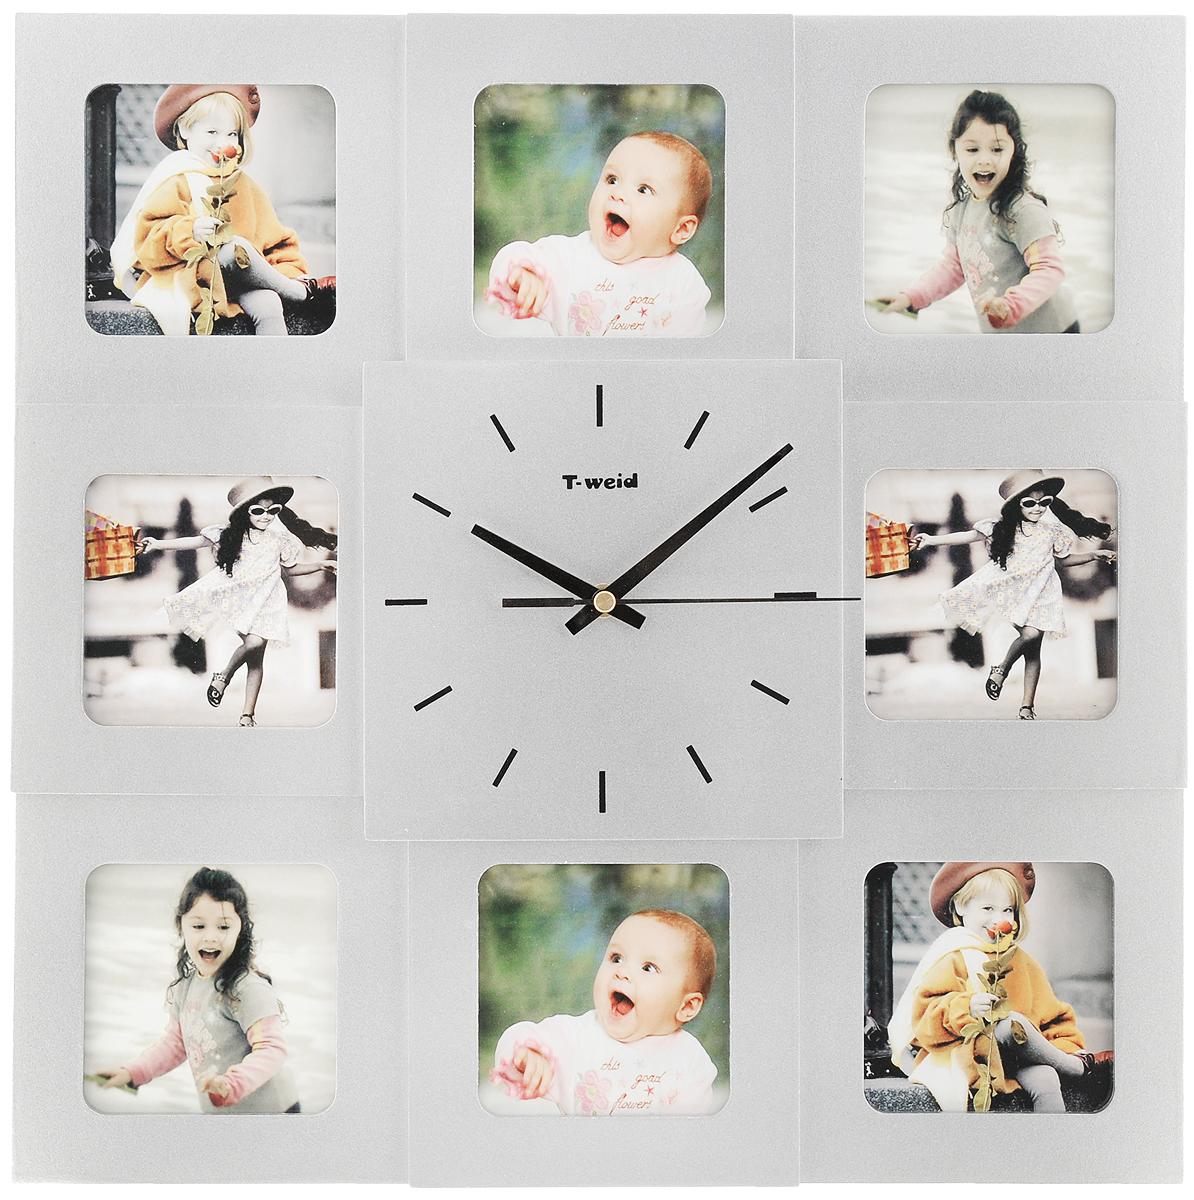 Часы настенные HomeMaster, с 8 фоторамками, цвет: серебристыйM9052CSilverНастенные часы HomeMaster кварцевые с фоторамками - это прекрасный предмет декора, а также универсальный подарок практически по любому поводу. Корпус часов, выполнен из дерева с серебристым матовым покрытием и оформлен восемью фоторамками.Циферблат часов оснащен тремя стрелками: часовой, минутной и секундной. Метки нанесены черной краской на серебристом фоне. На задней стенке часов расположена металлическая петелька для подвешивания и блок с часовым механизмом. Часы с фоторамками прекрасно впишутся в любой интерьер. В зависимости оттого, что вы поместите в рамки, будет меняться и стиль часов. Тип механизма: плавающий, бесшумный. Рекомендуется докупить батарейку типа АА (не входит в комплект). Размер изделия: 40 х 40 х 5 см.Размер фоторамок: 8,5 х 8,5 см.